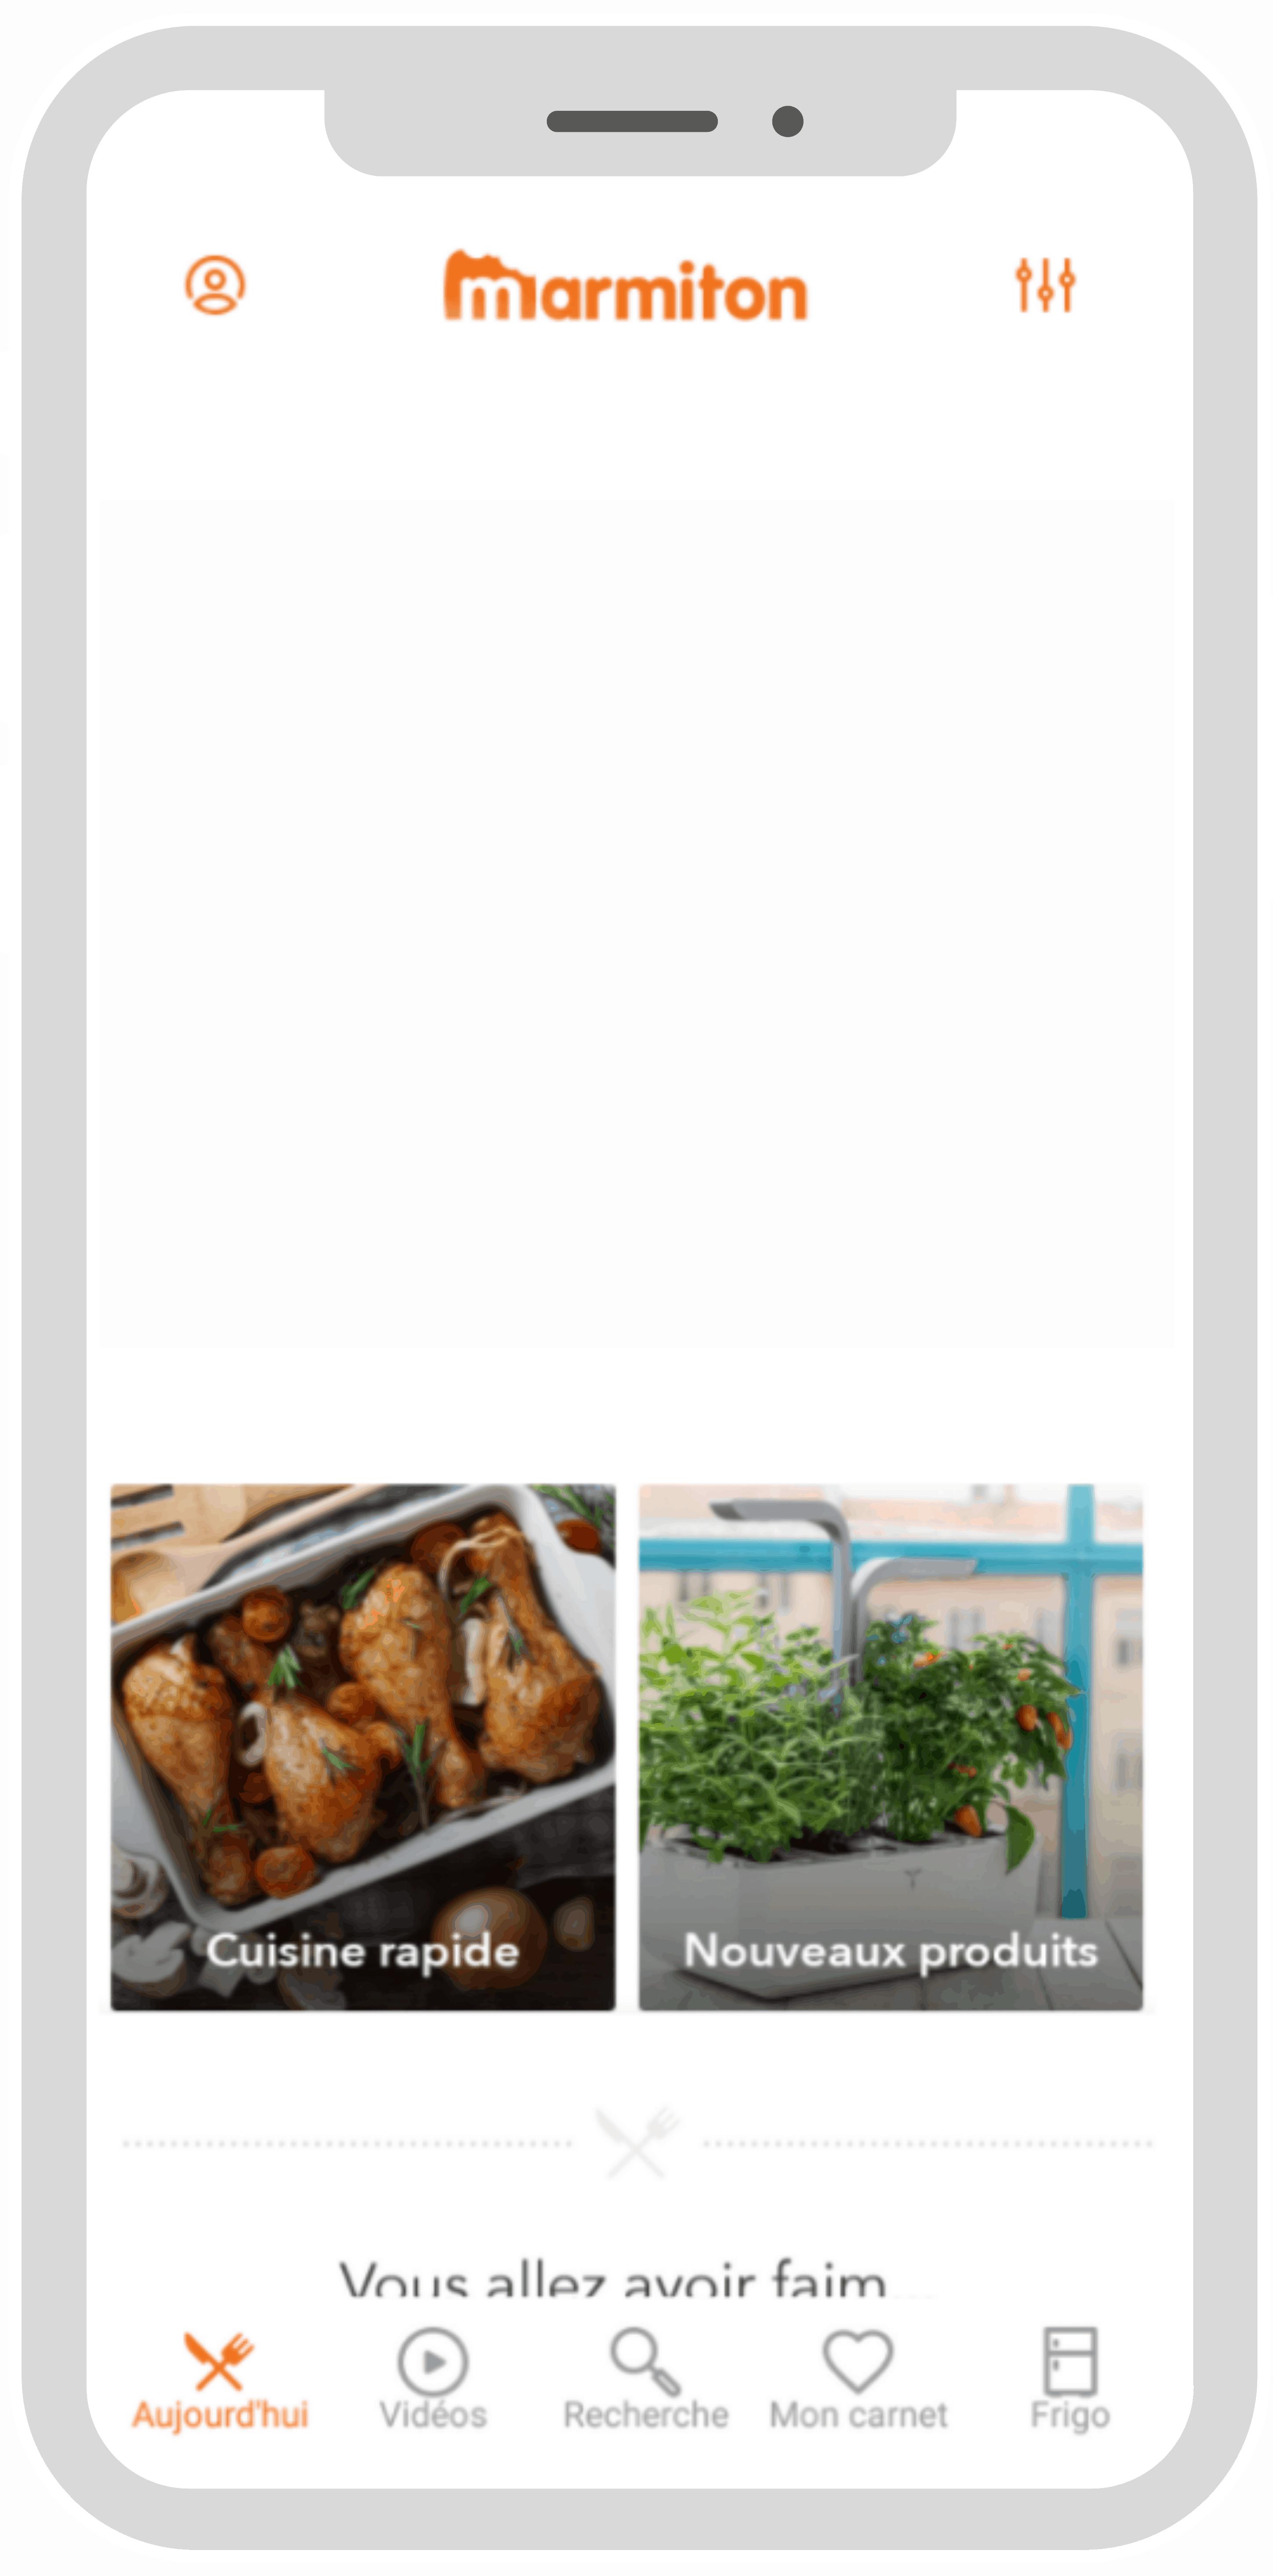 Illustration d'un smartphone présentant l'application de conseils culinaires marmiton dans laquelle des créations ad4food défilent.